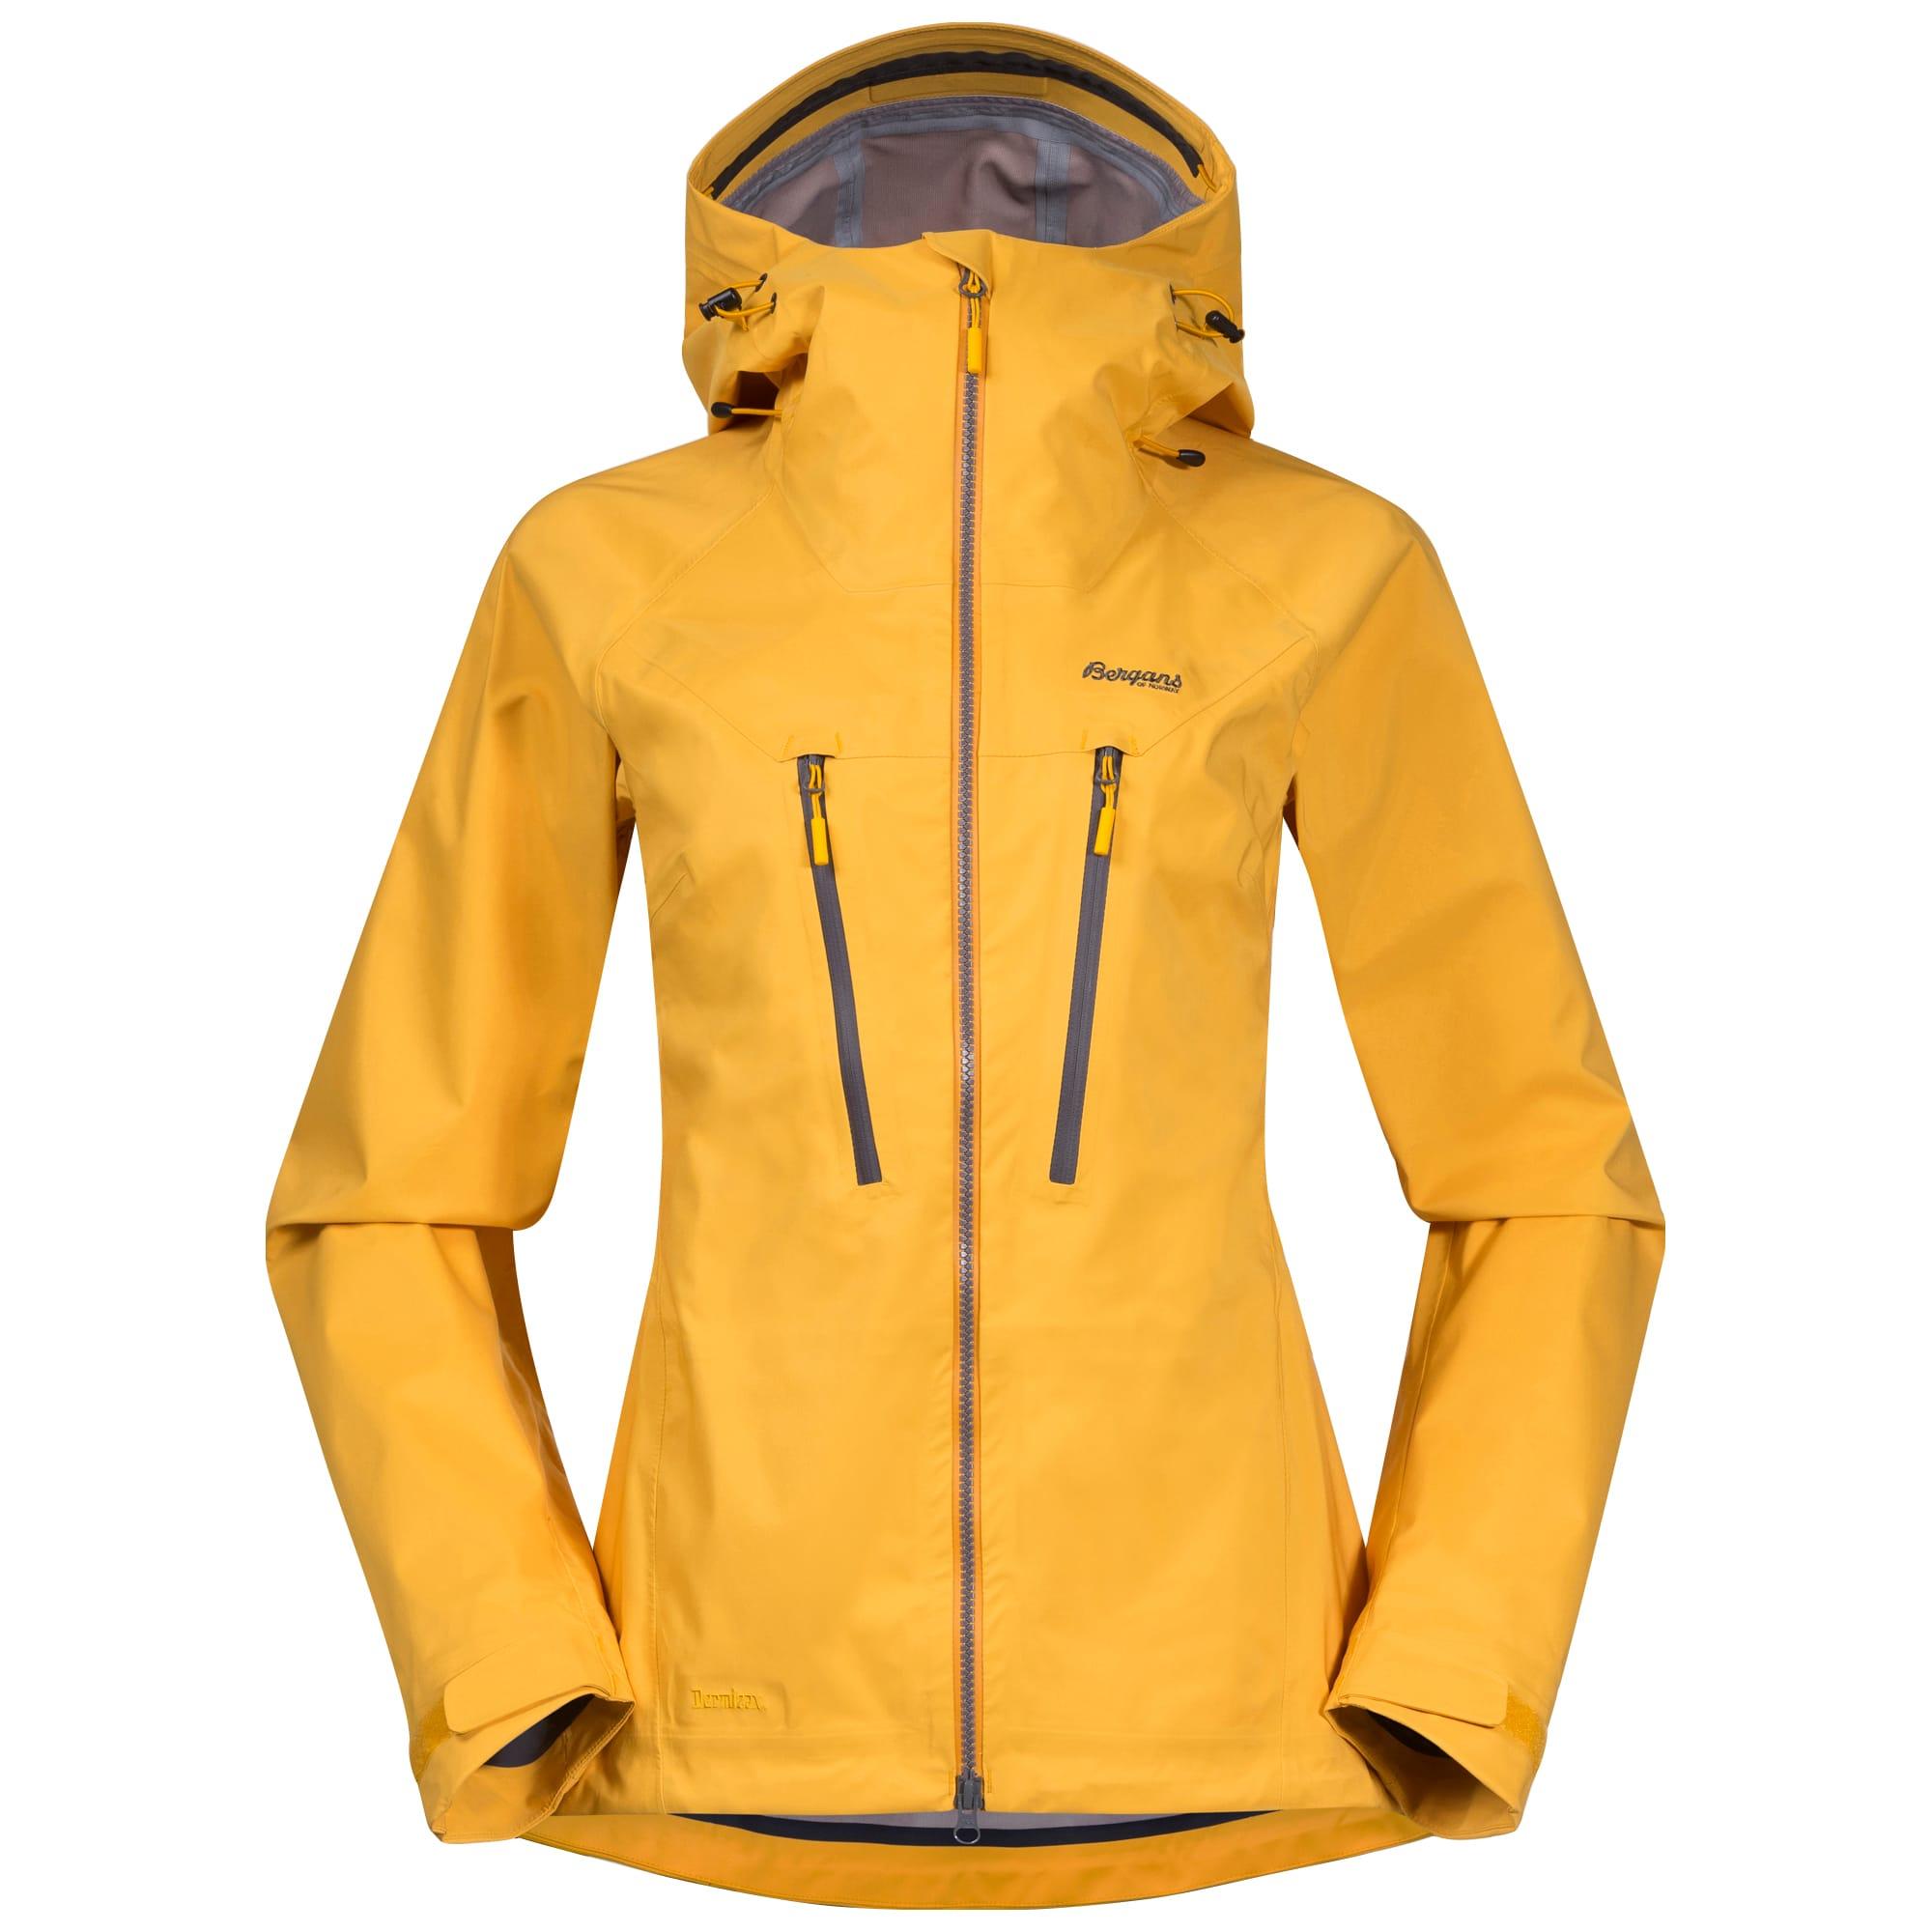 Kjøp Bergans Cecilie 3L Jacket Women's fra Outnorth